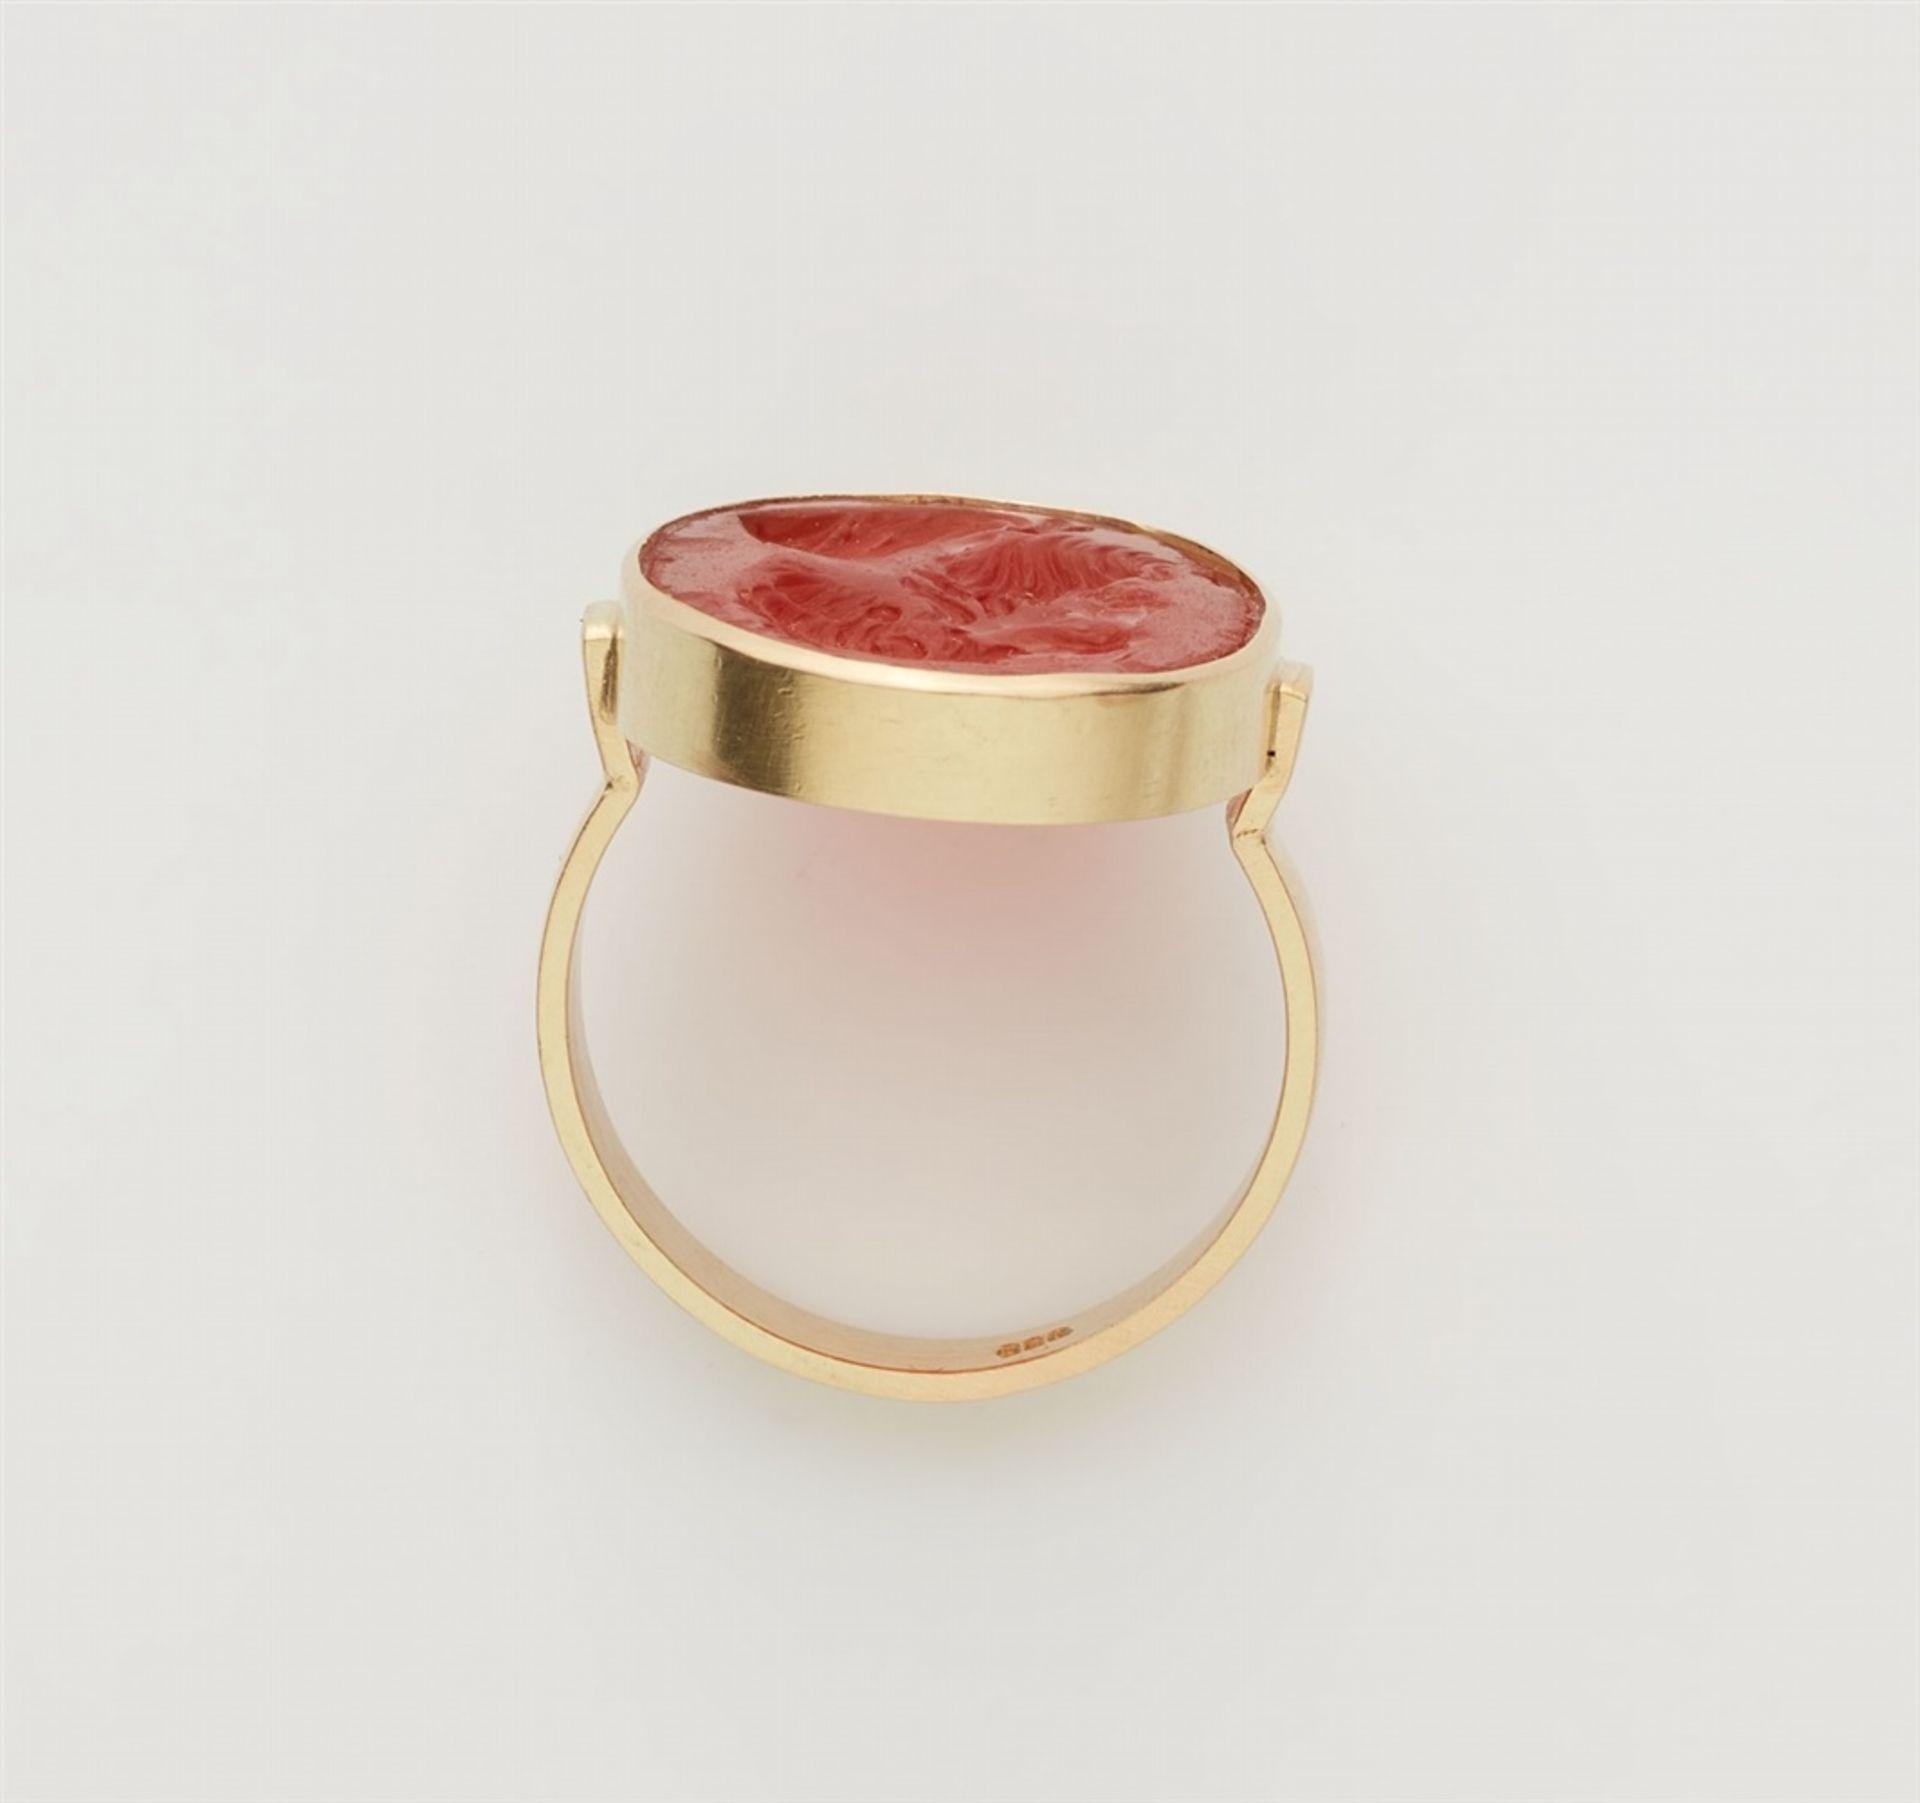 Ring mit klassizistischer Gemme - Bild 2 aus 3